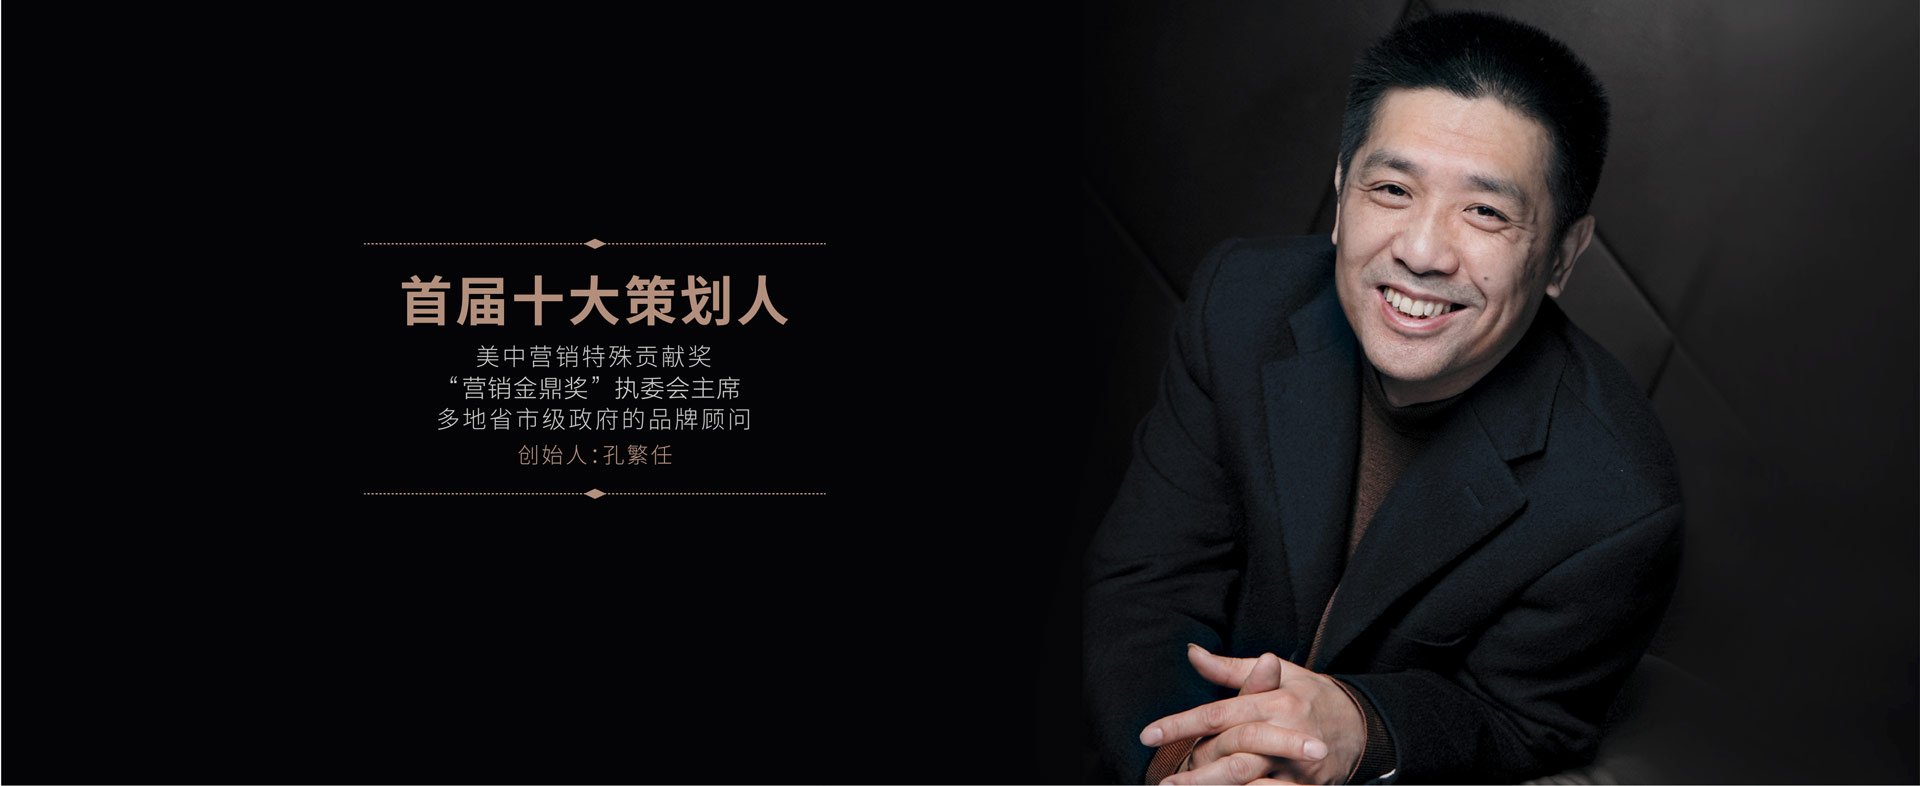 中国首届十大策划人-孔繁任--奇正沐古是提供营销策划、品牌策划、企业营销策划、品牌规划、企业品牌策划、上海品牌策划、品牌咨询、品牌管理、营销咨询等服务的上海策划公司、上海品牌策划公司、营销策划公司、营销咨询公司、上海营销策划公司、品牌营销咨询公司